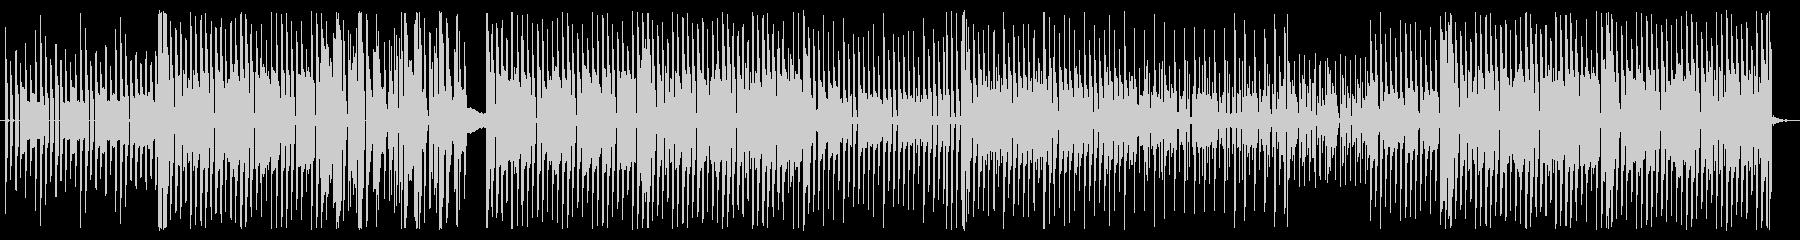 昔のRPGの戦闘曲の未再生の波形